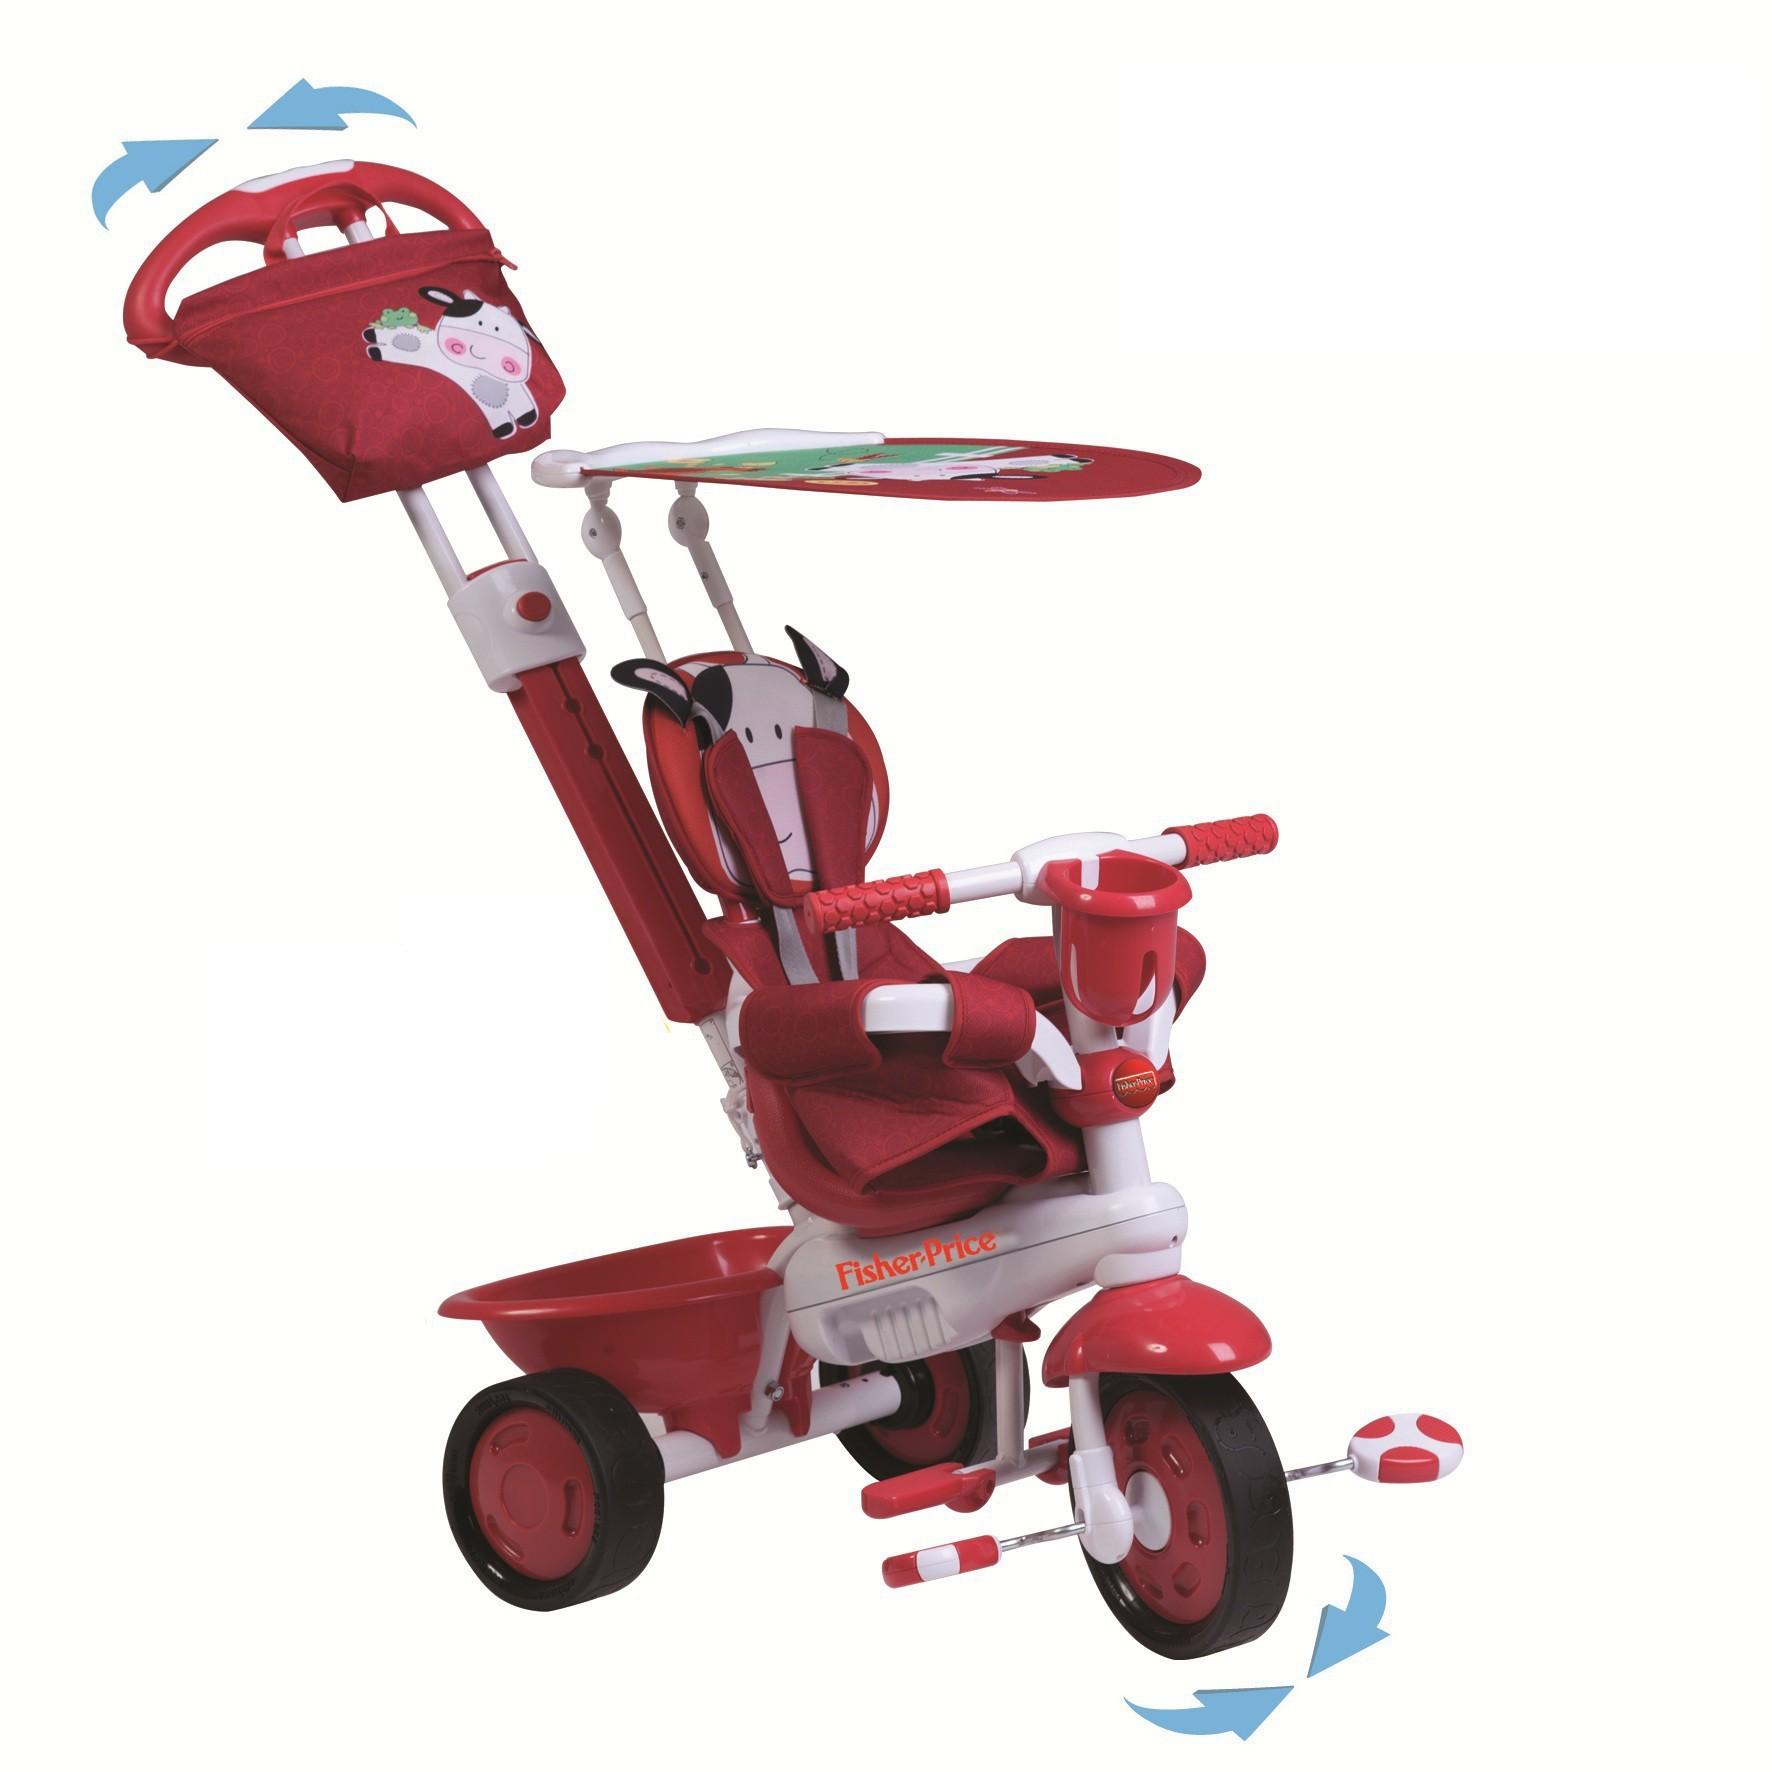 SMART TRIKE 1570533 trojkolka Fisher-price Royal Red +10 mesiacov